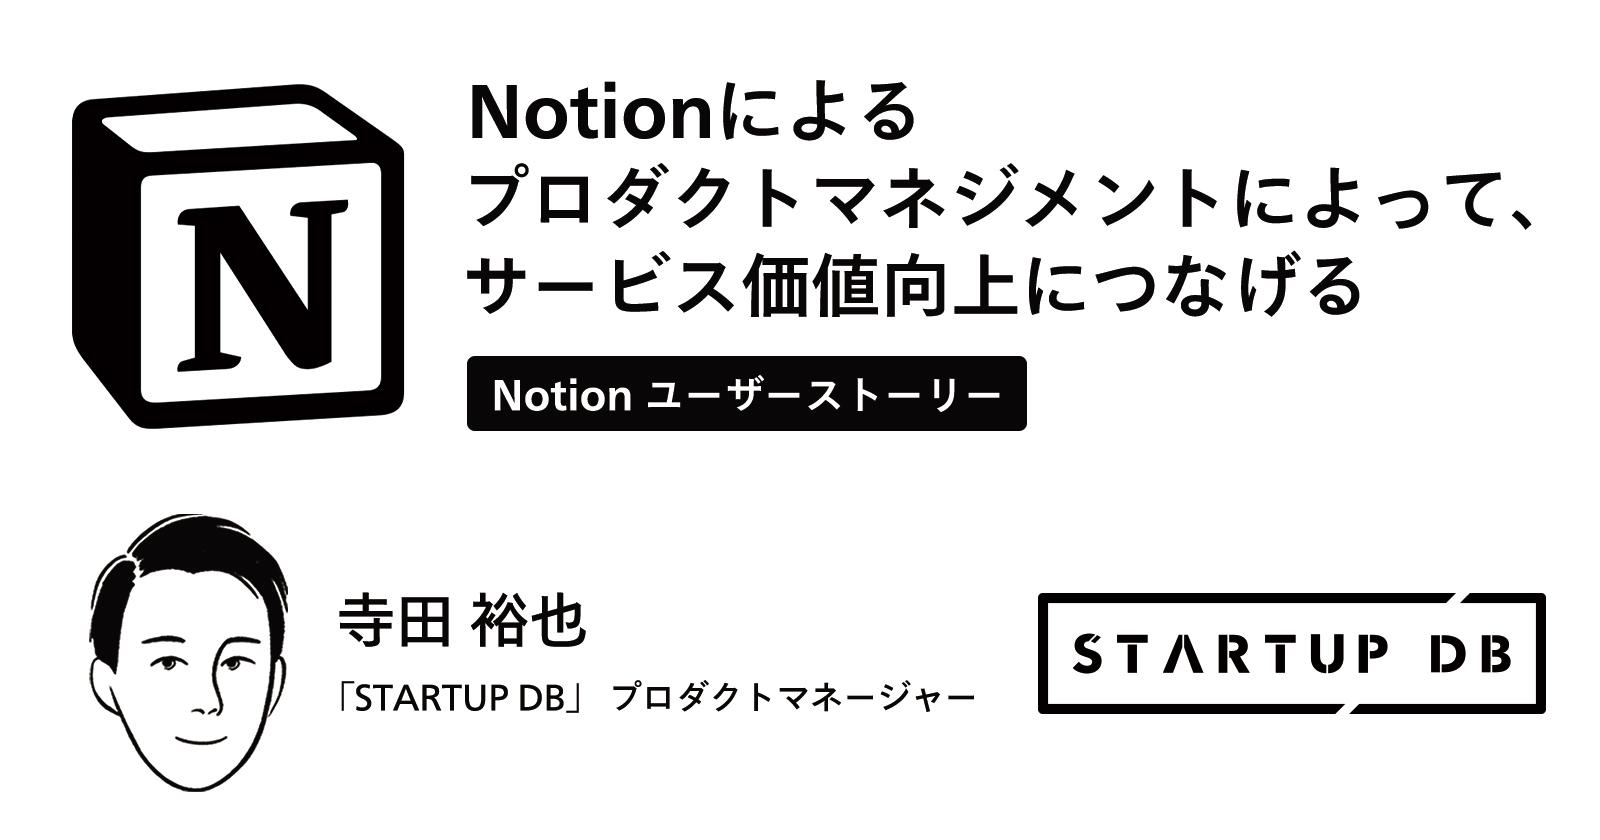 Notion Japan(公式)のNotion コミュニティブログに、STARTUP DBプロダクトマネージャー寺田裕也のインタビュー記事が掲載されました。